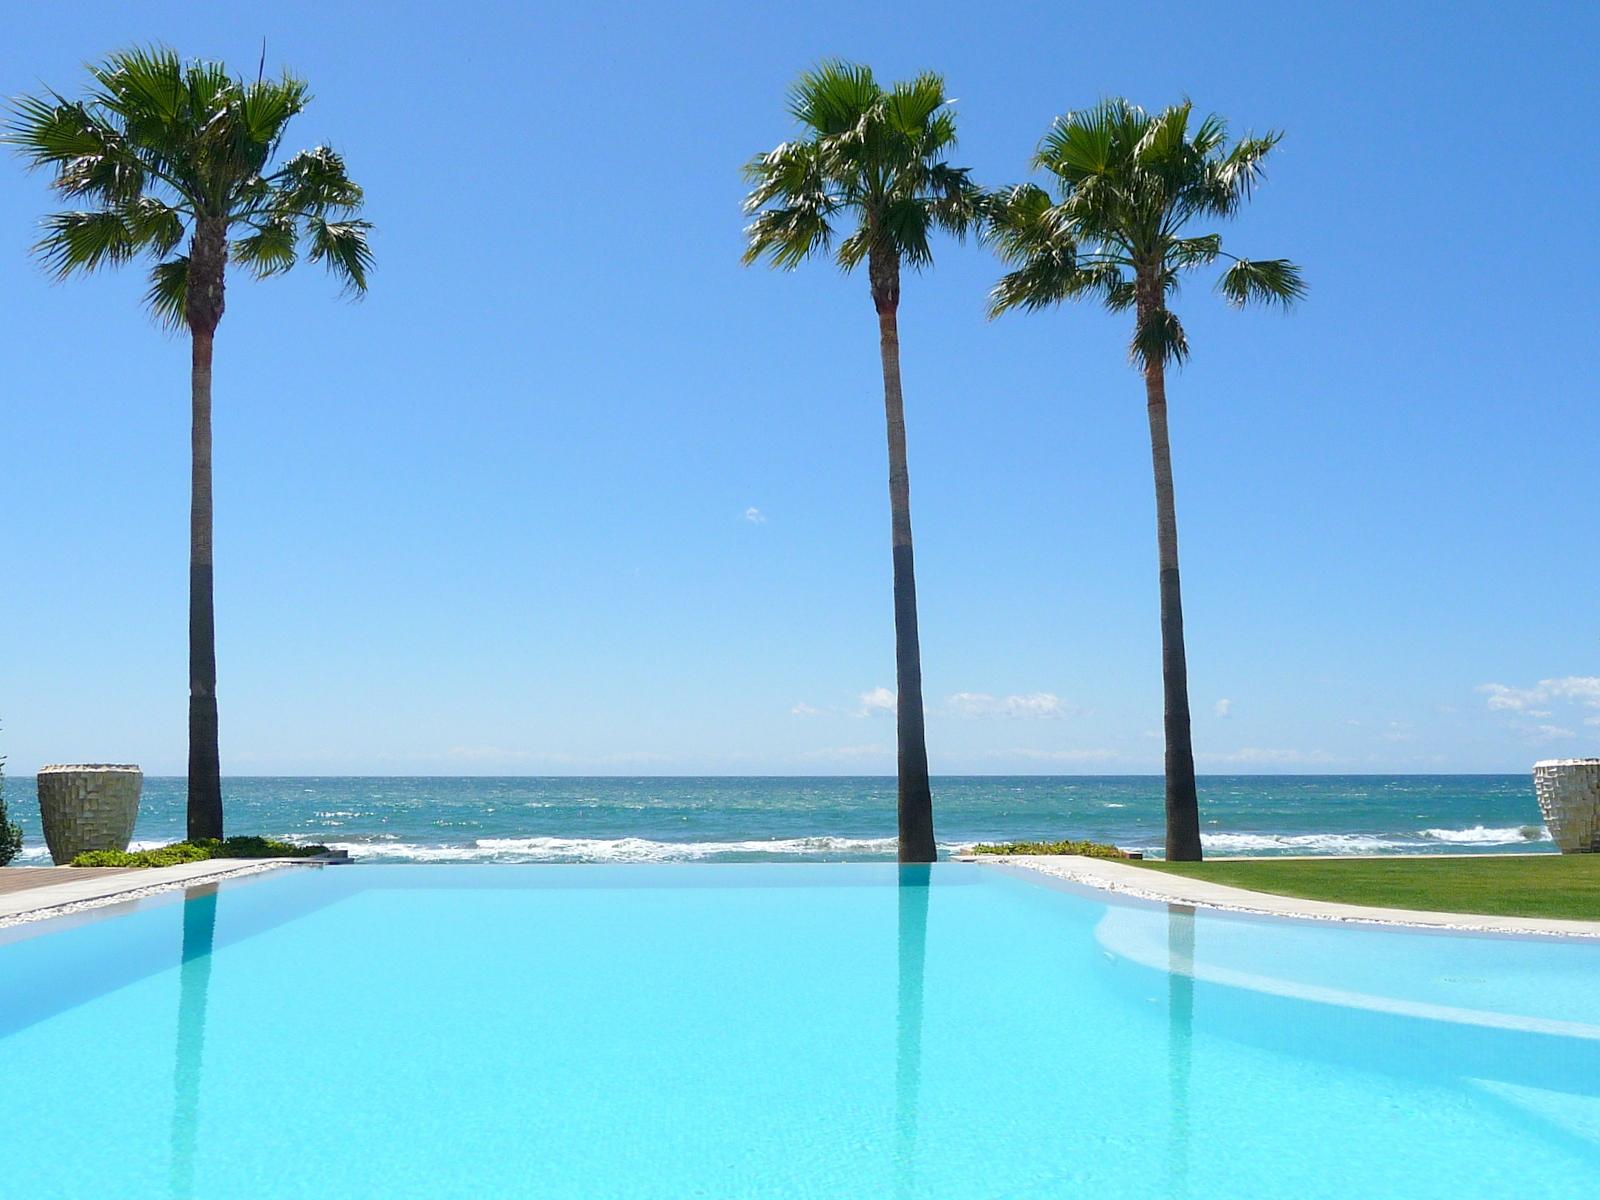 Vista a las playas de Marbella desde una piscina